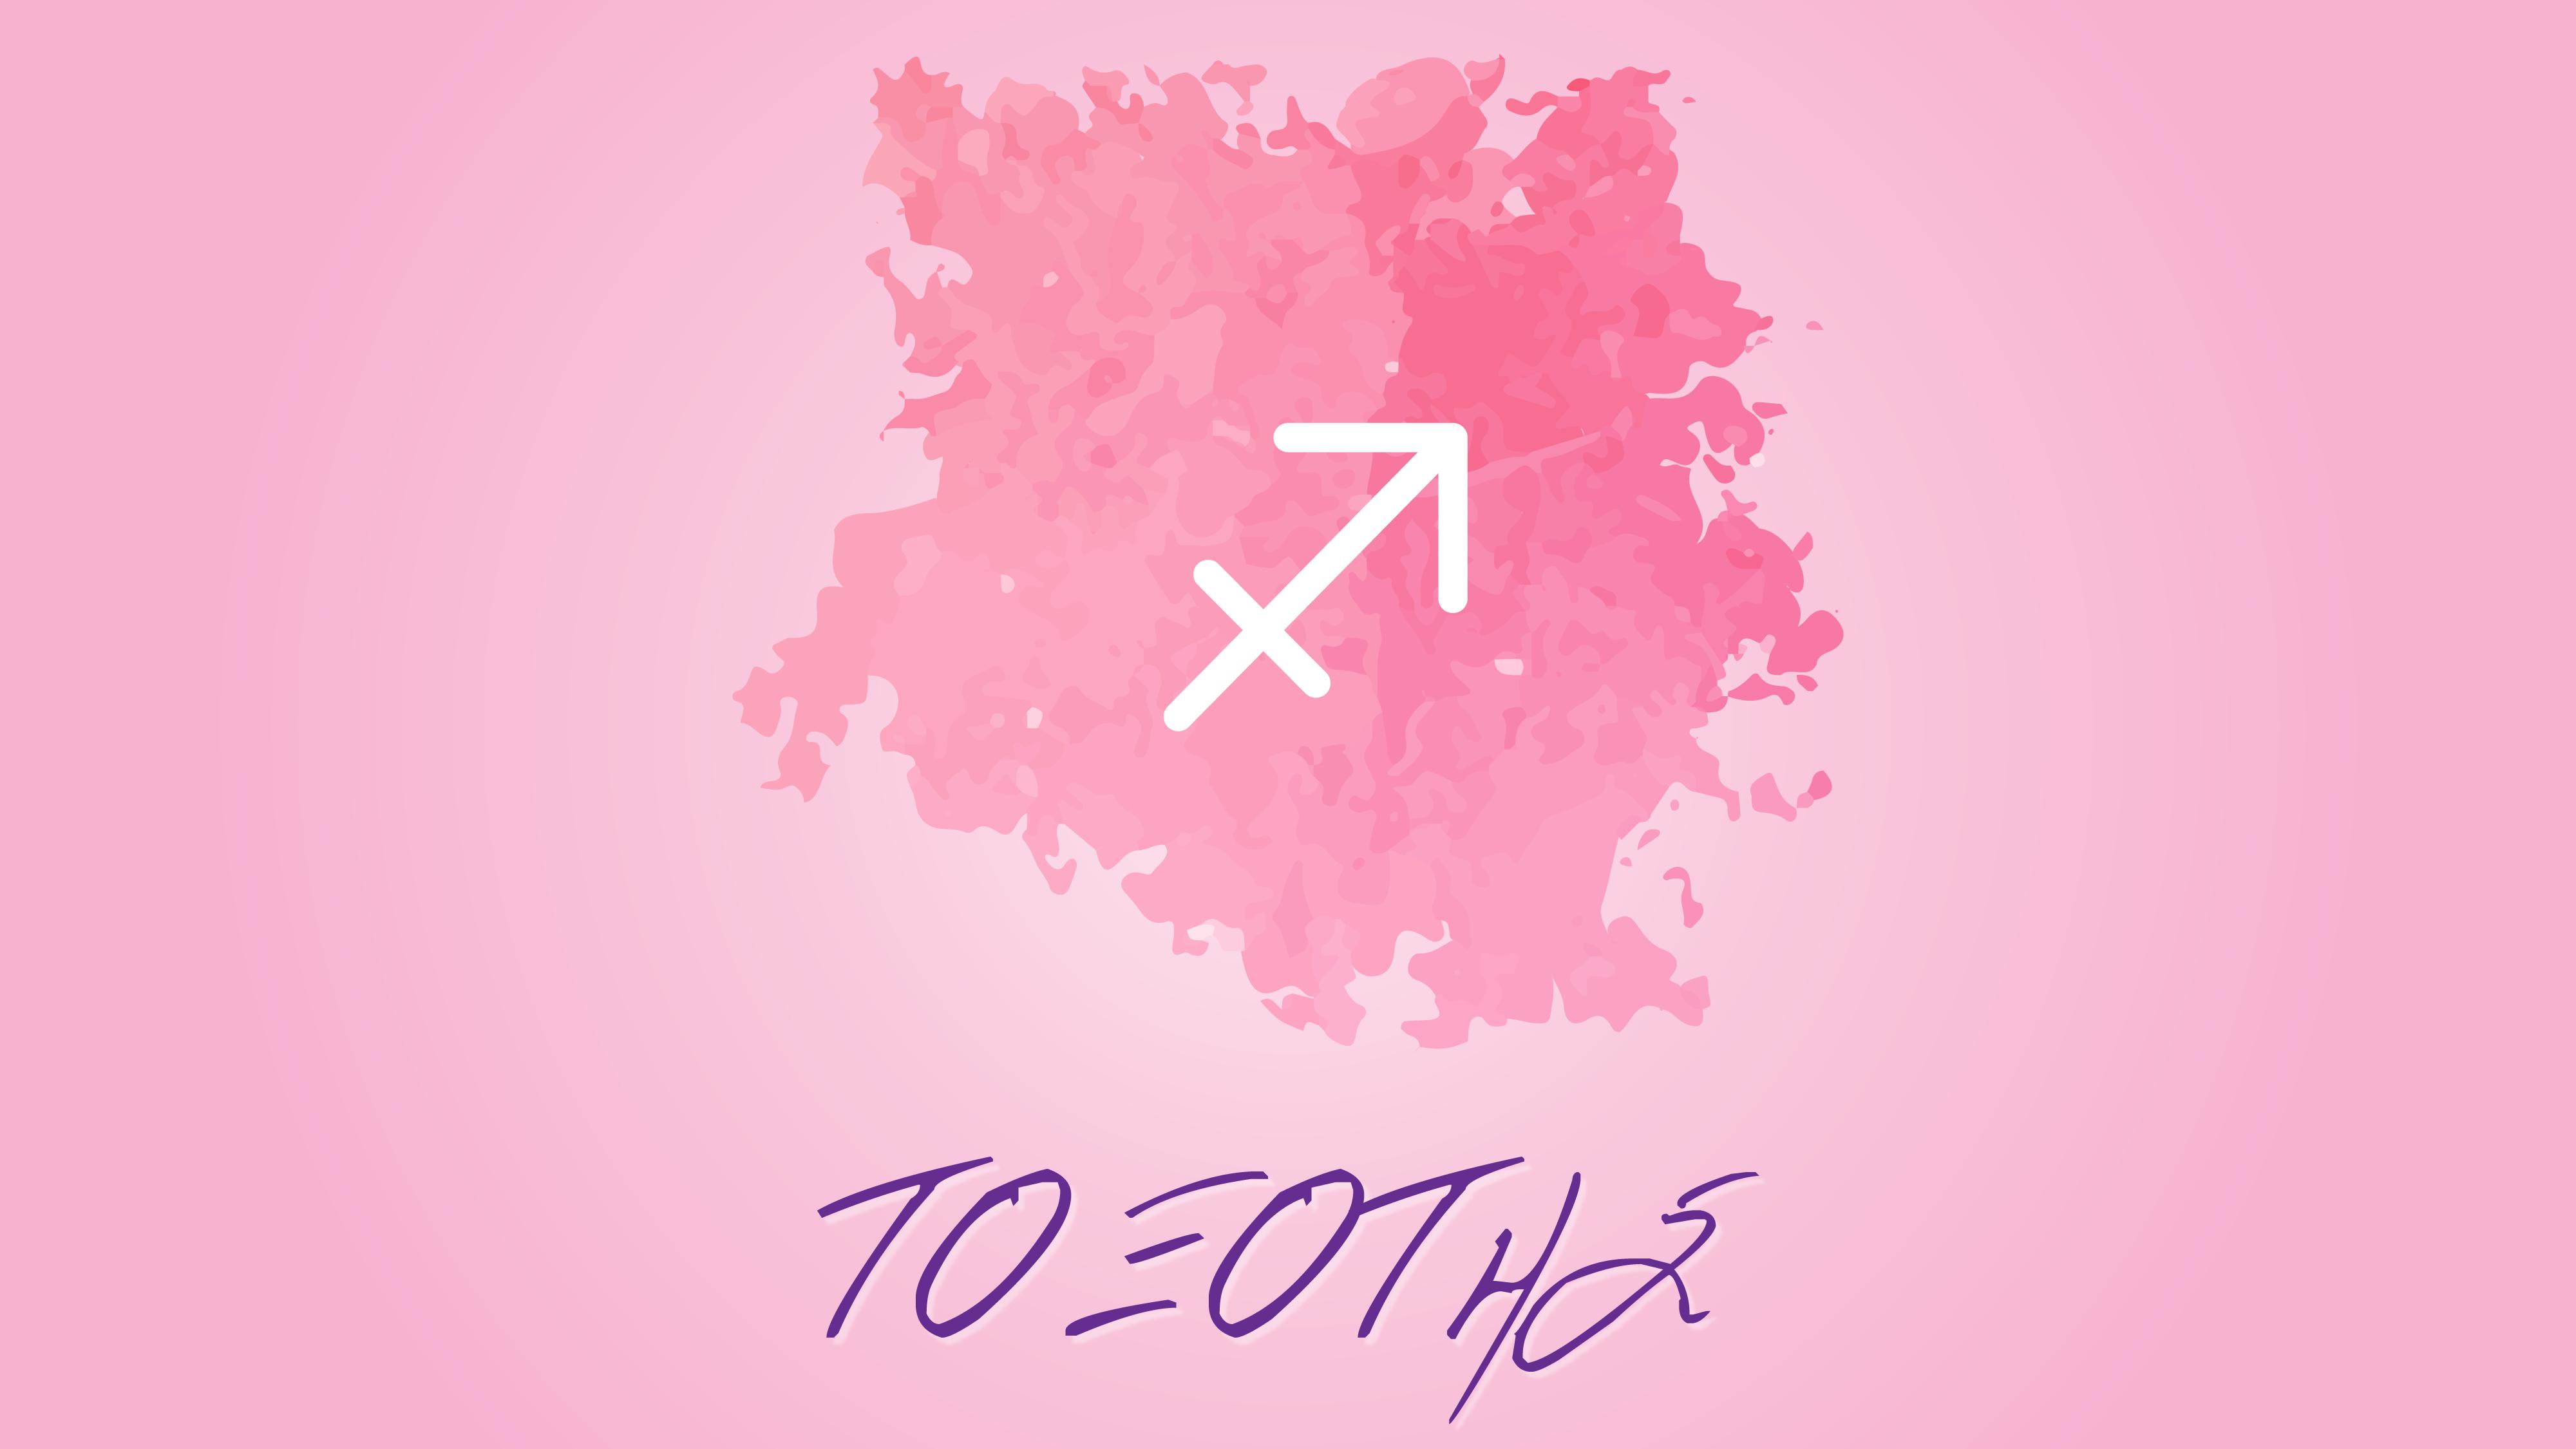 Τοξότης – Μηνιαίες αστρολογικές  προβλέψεις Ιουνίου 2021